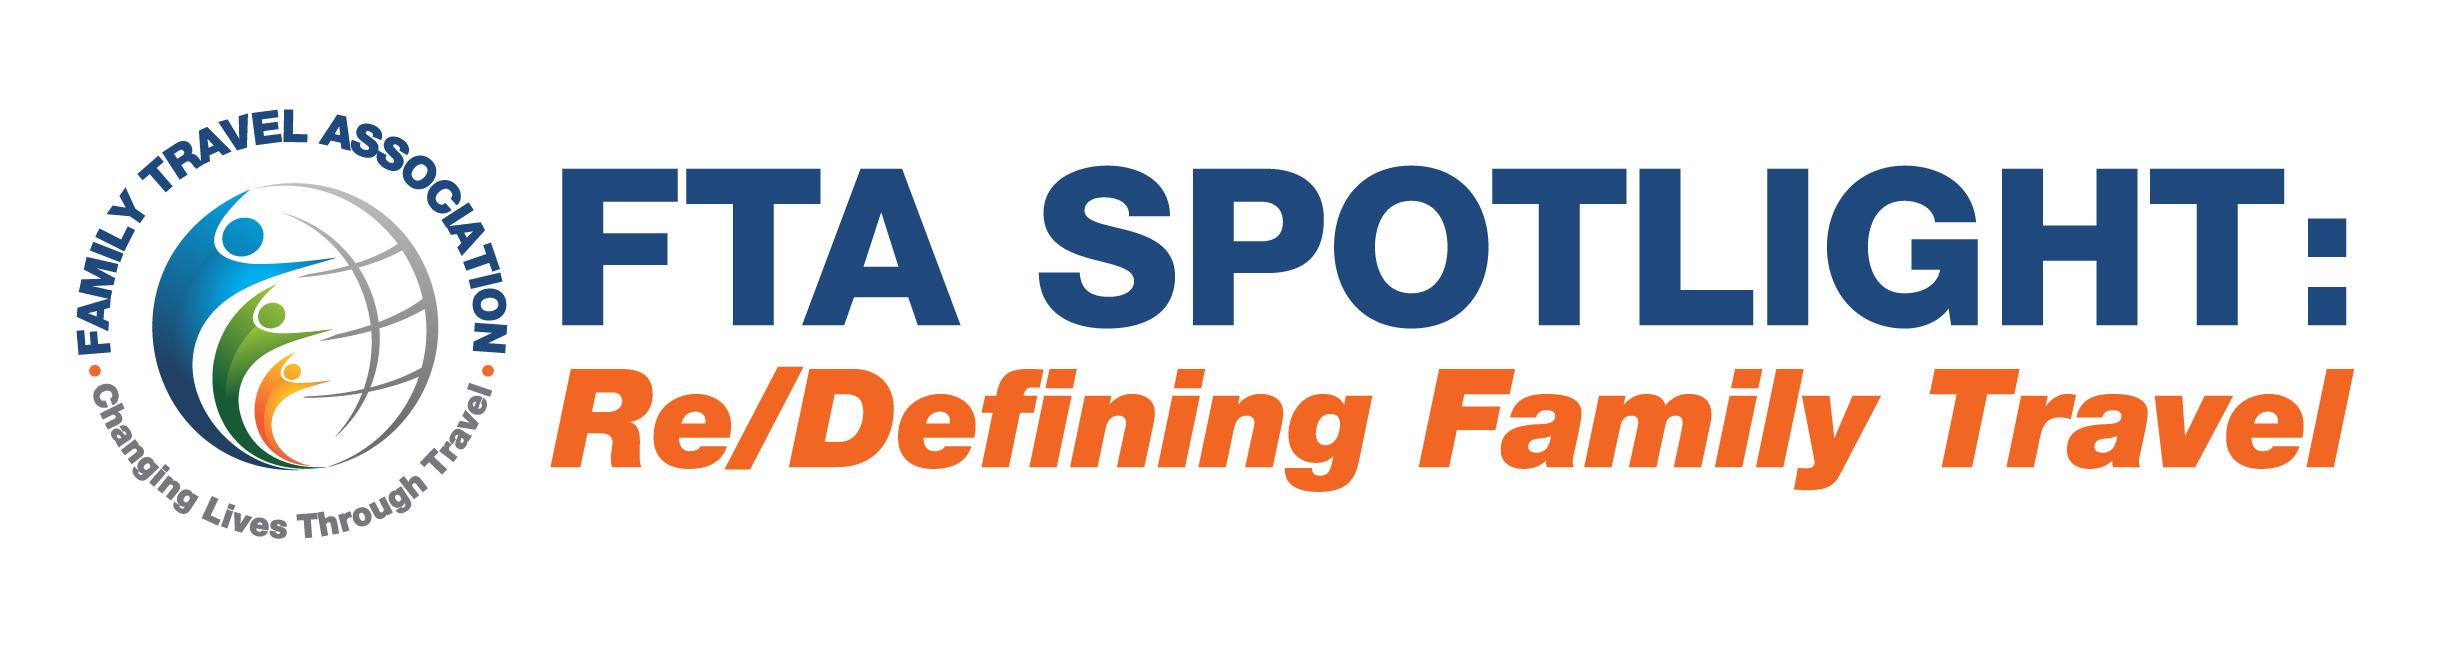 FTA Spotlight: Re/Defining Family Travel